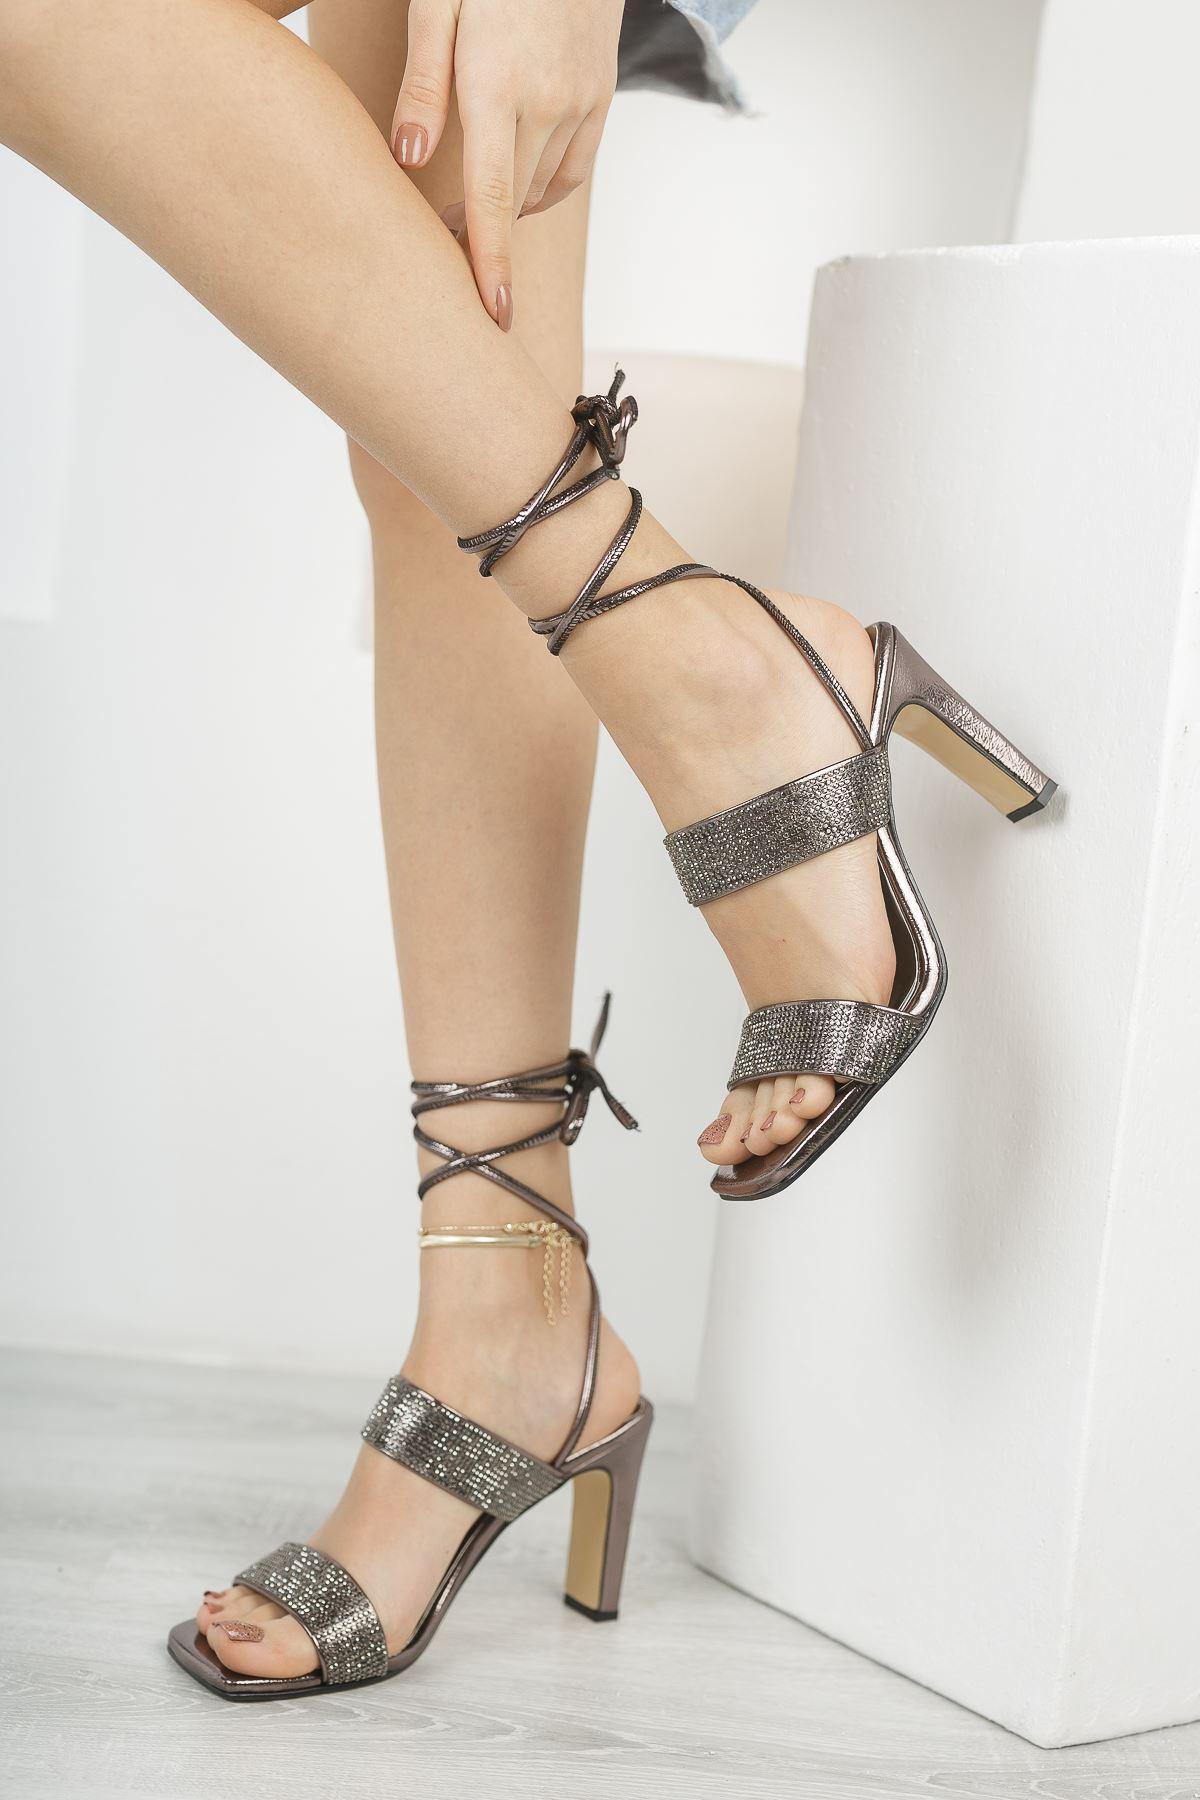 Kadın Jabel Mat Deri Bilekten Bağlama Detaylı Yüksek Topuklu Ayakkabı Platin